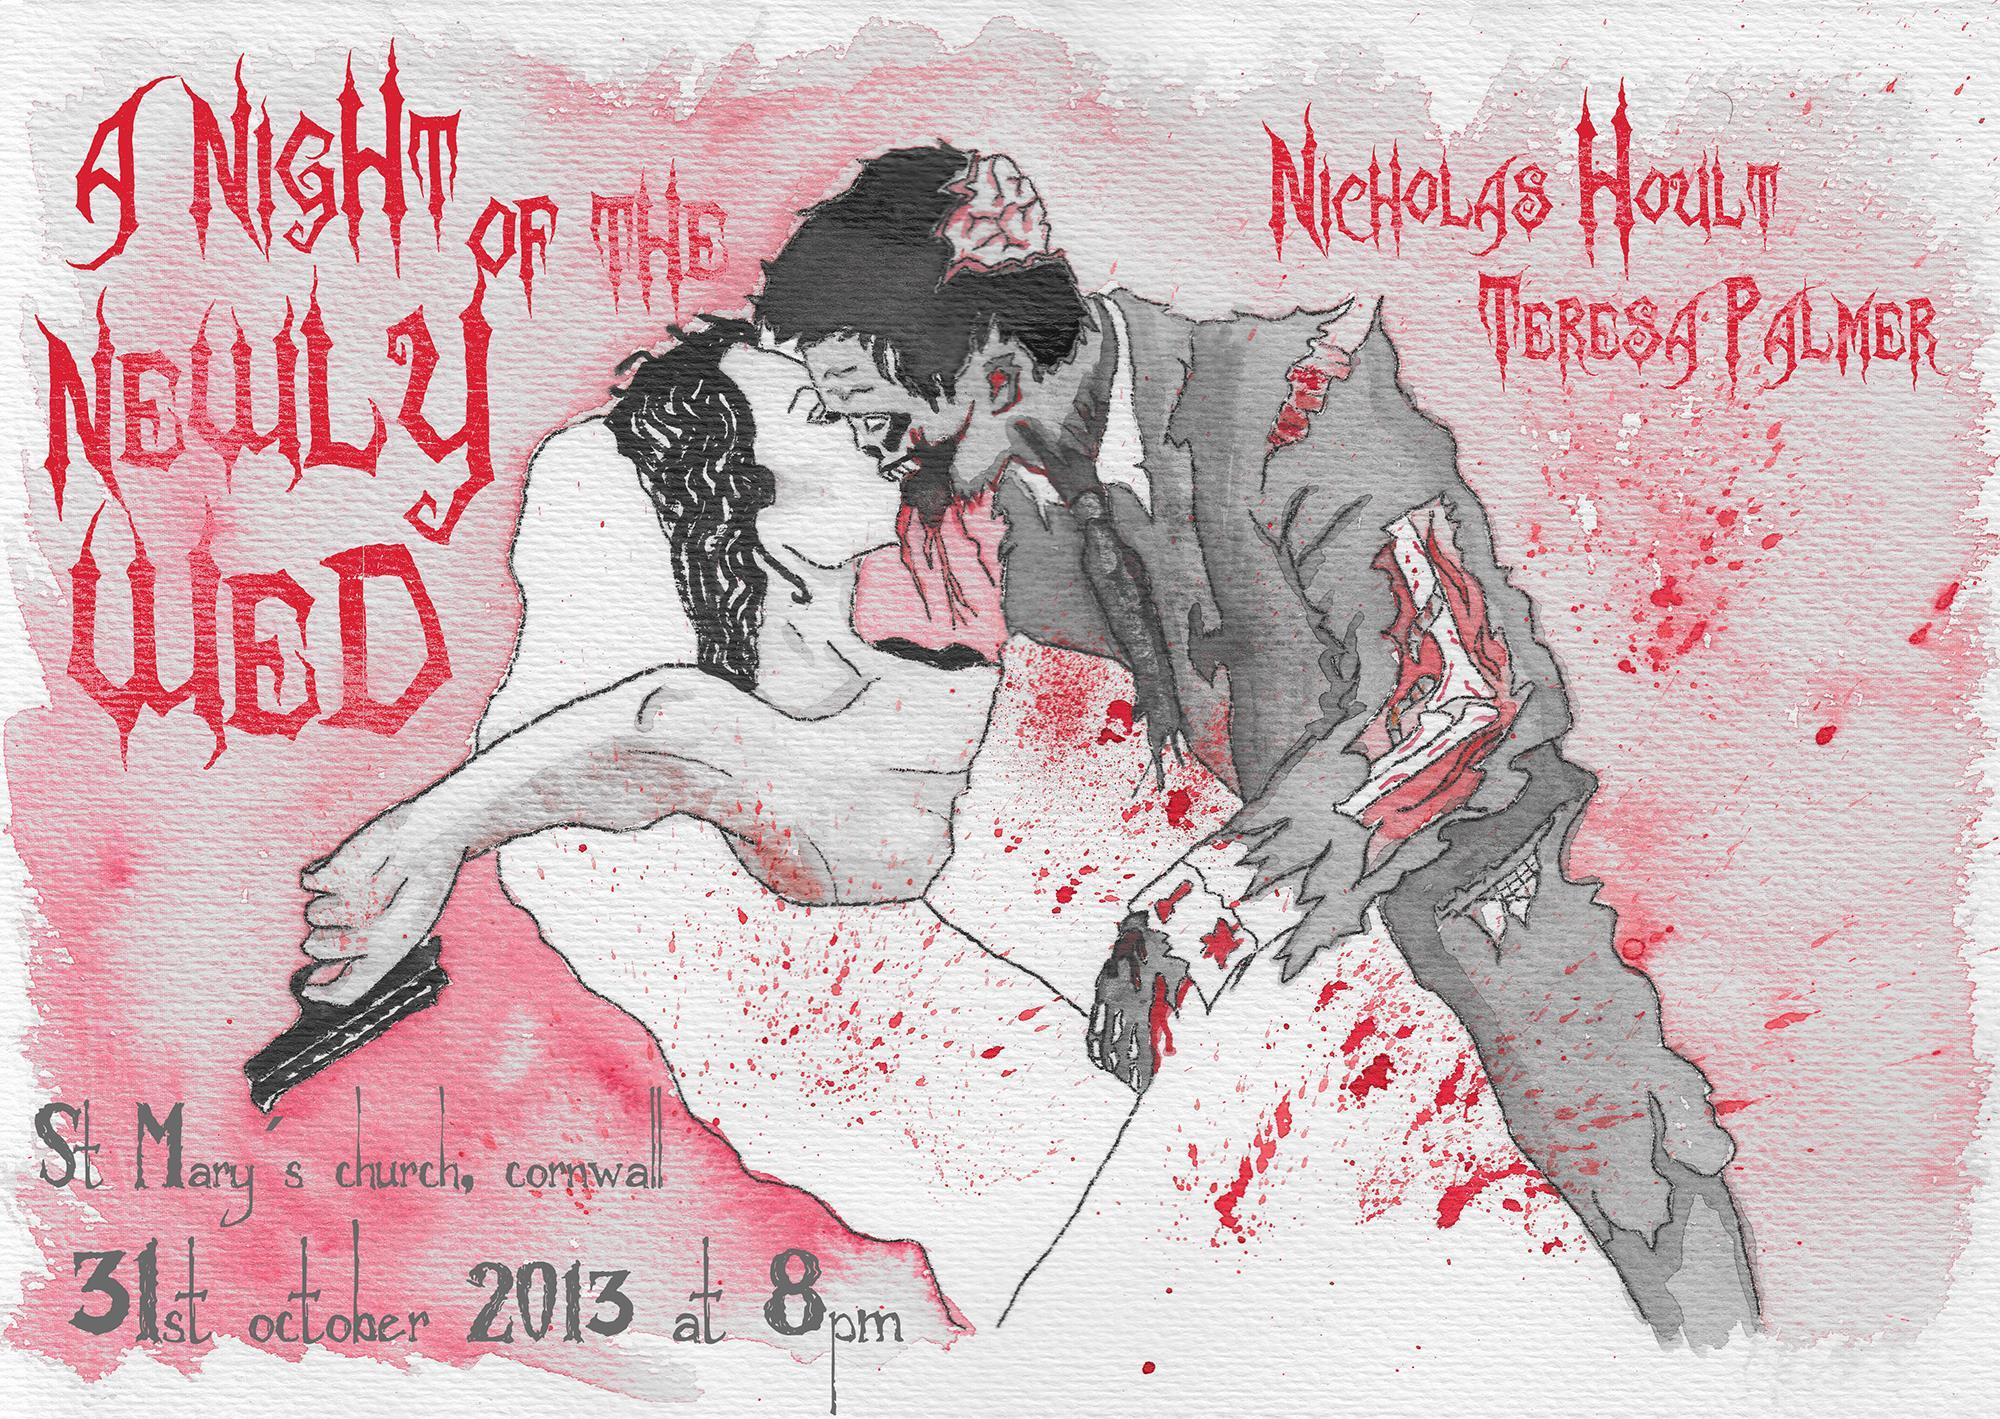 boda zombi, sangre salpicada, puede besar a la novia señor descerebrado. Eres asqueroso pero te quiero, dice ella.